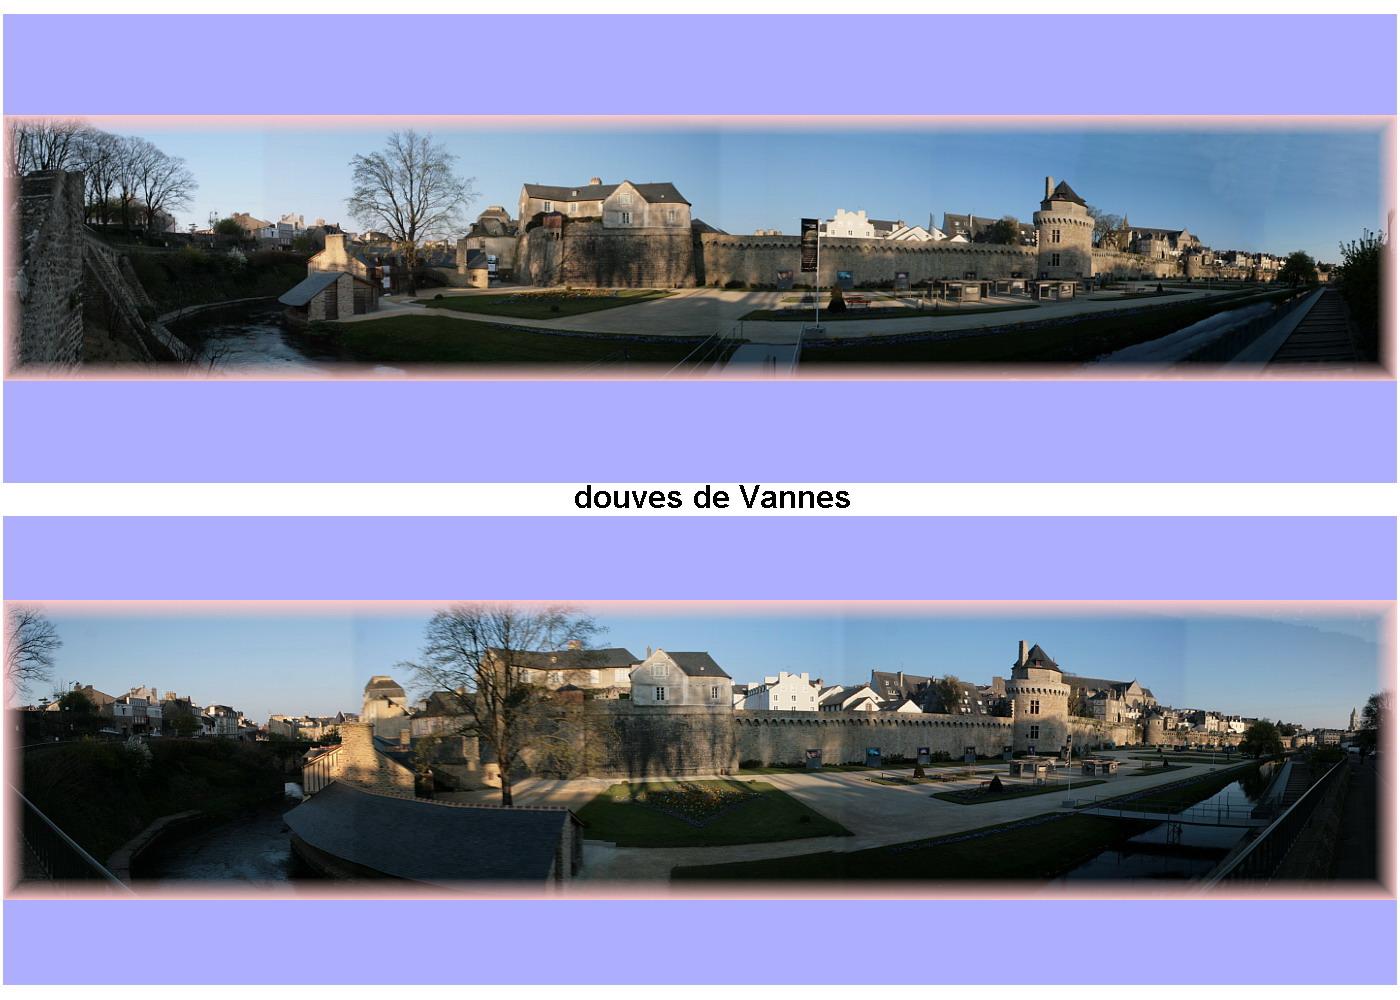 viree07 vannes - carte postale Vannes douve